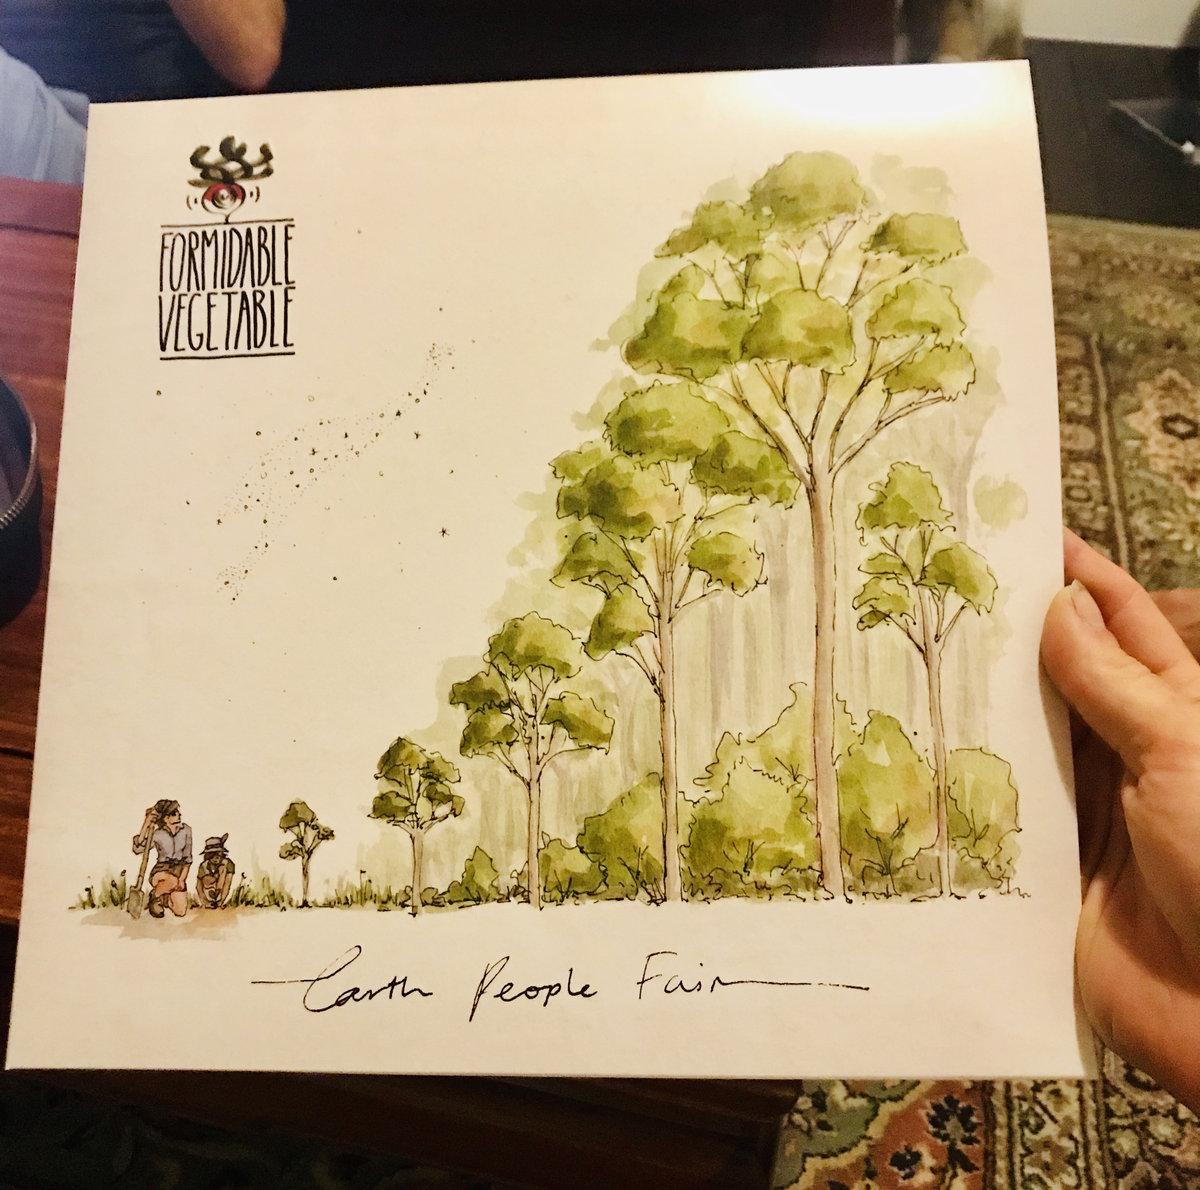 Earth People Fair - Formidable Vegetable